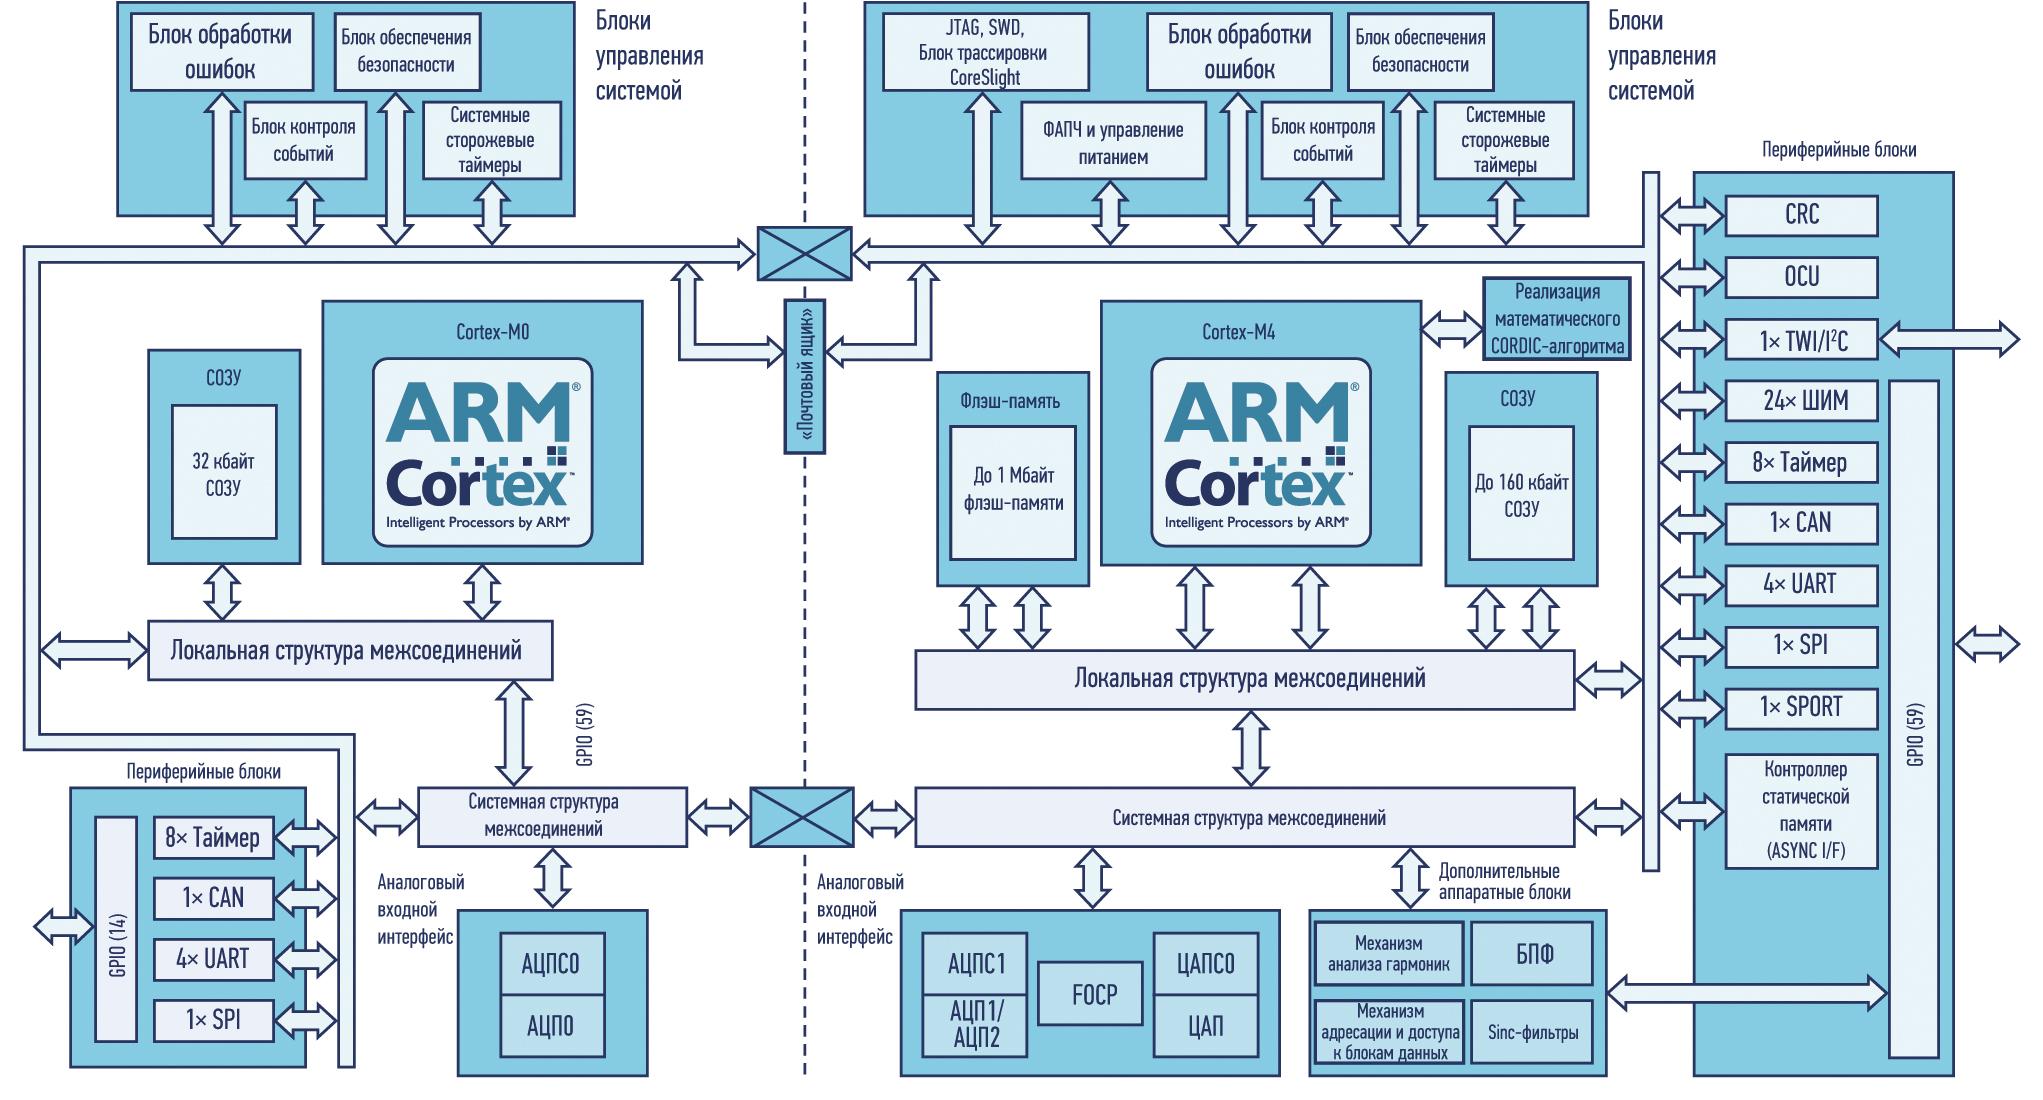 Процессор серии ADSP-CM41x от ADI с множеством функций безопасности и защит